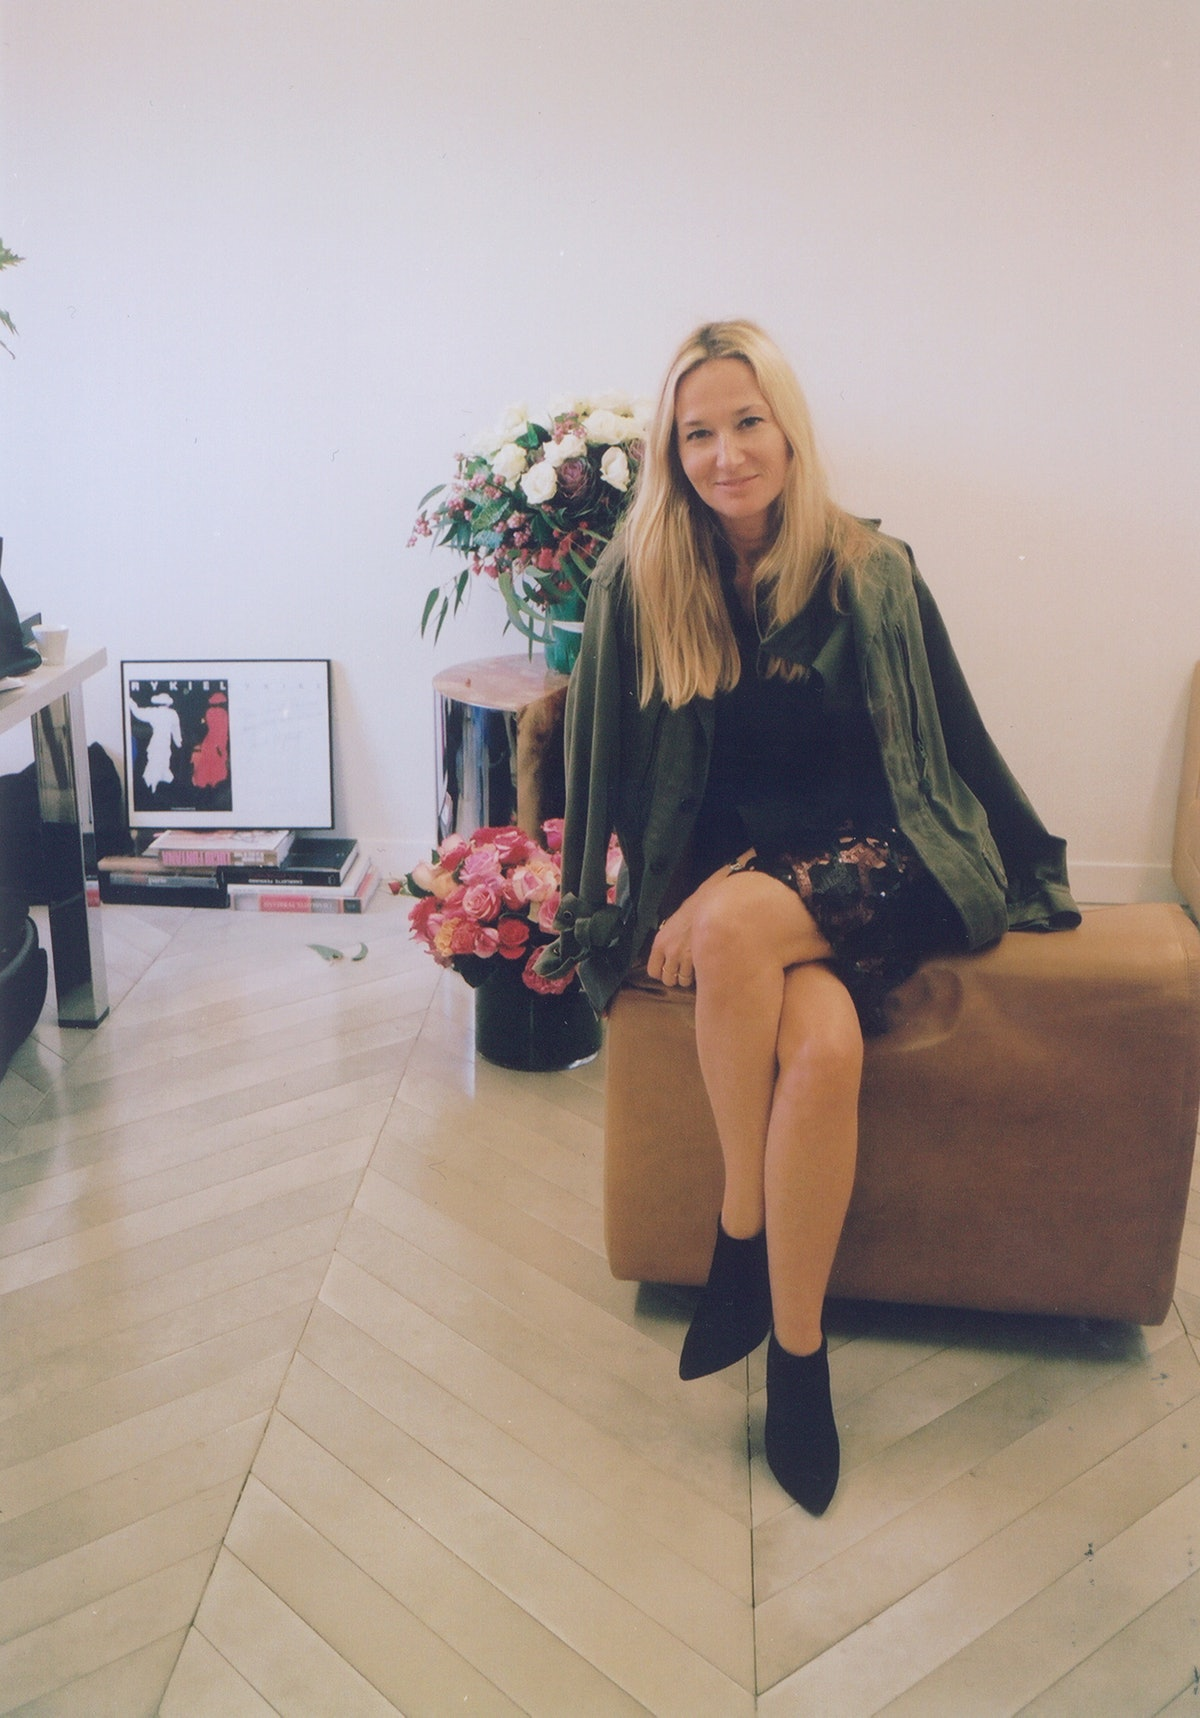 Sonia Rykiel, Julie de Libran